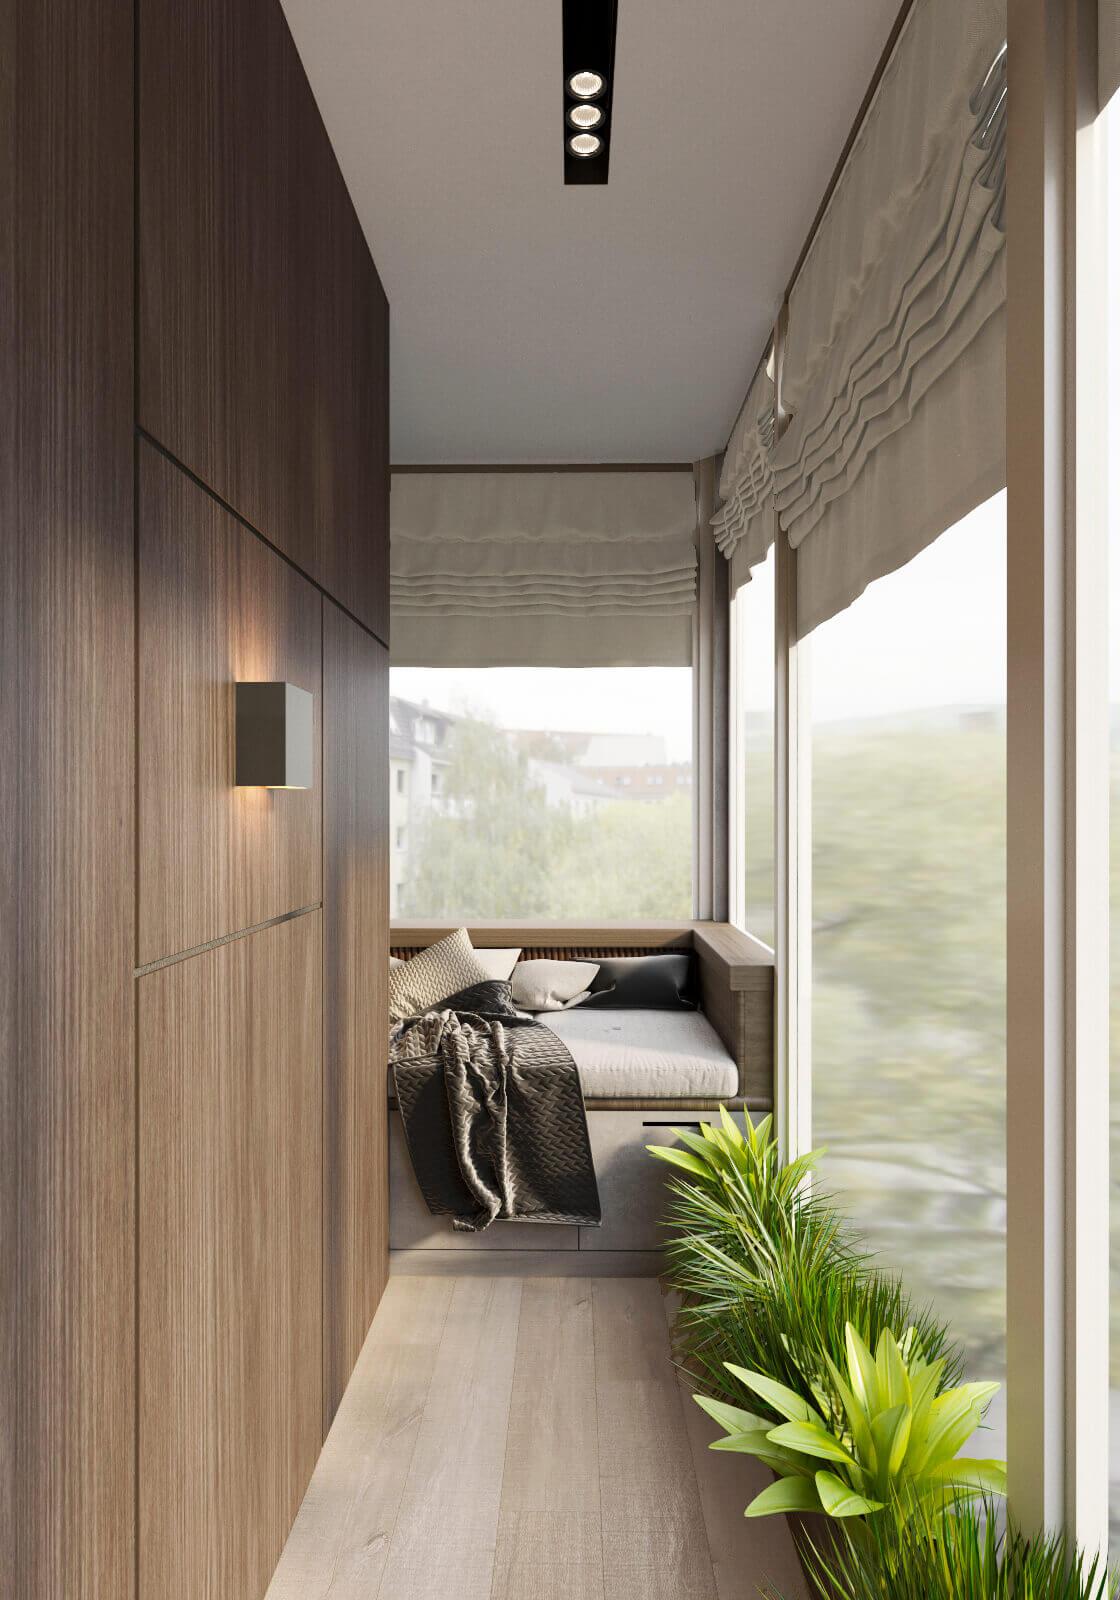 дизайн балкона зона отдыха